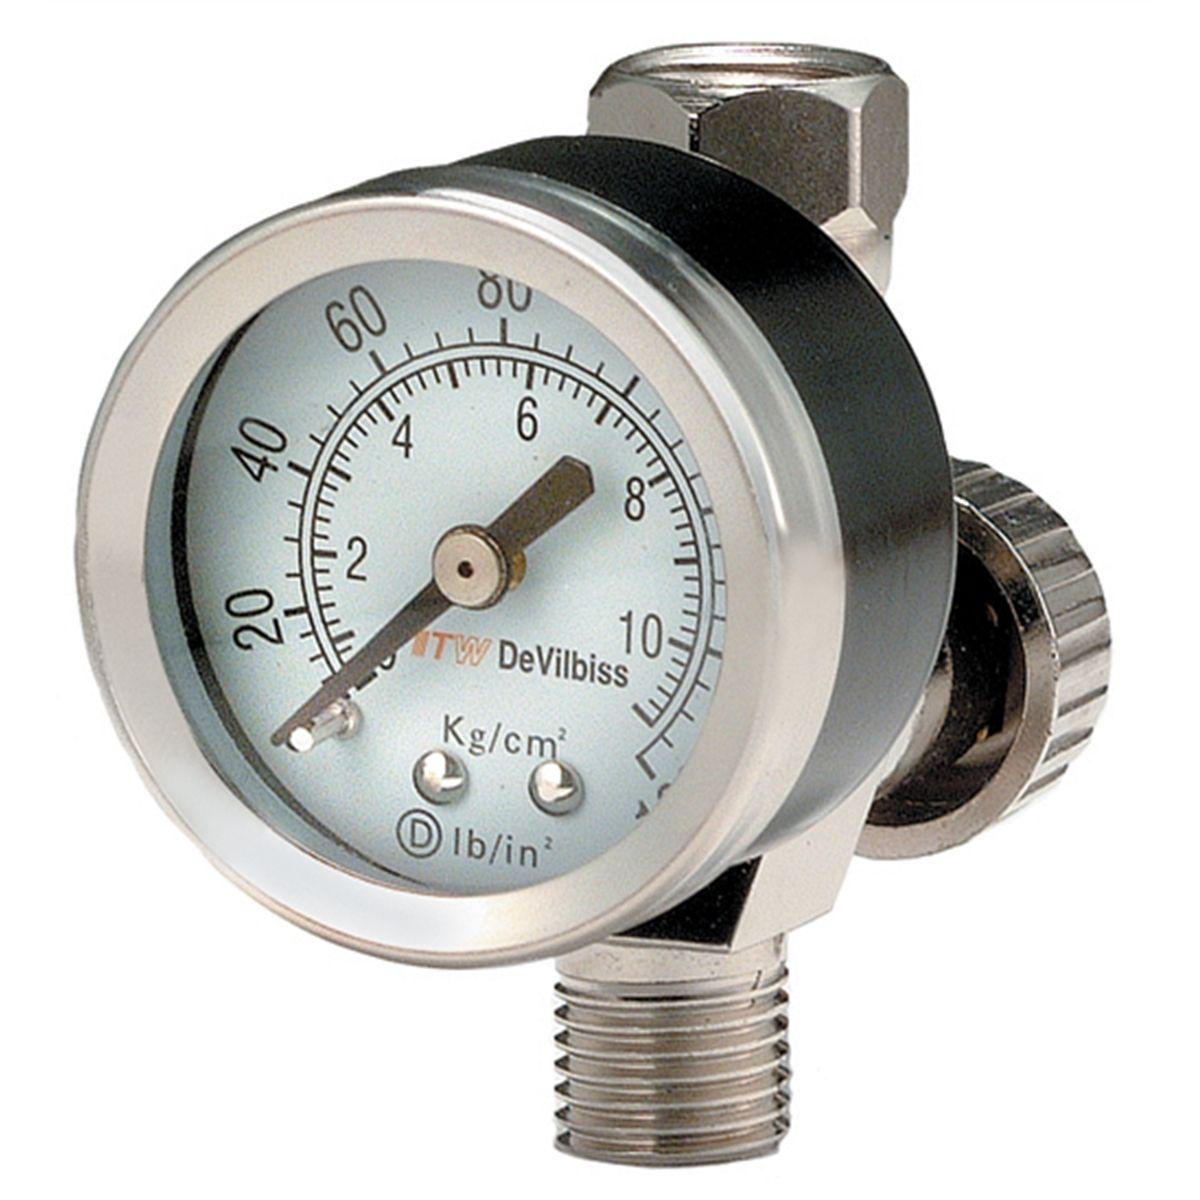 For Devilbiss+Iwata Spray Tool Pressure Regulator Adjustment Compressor